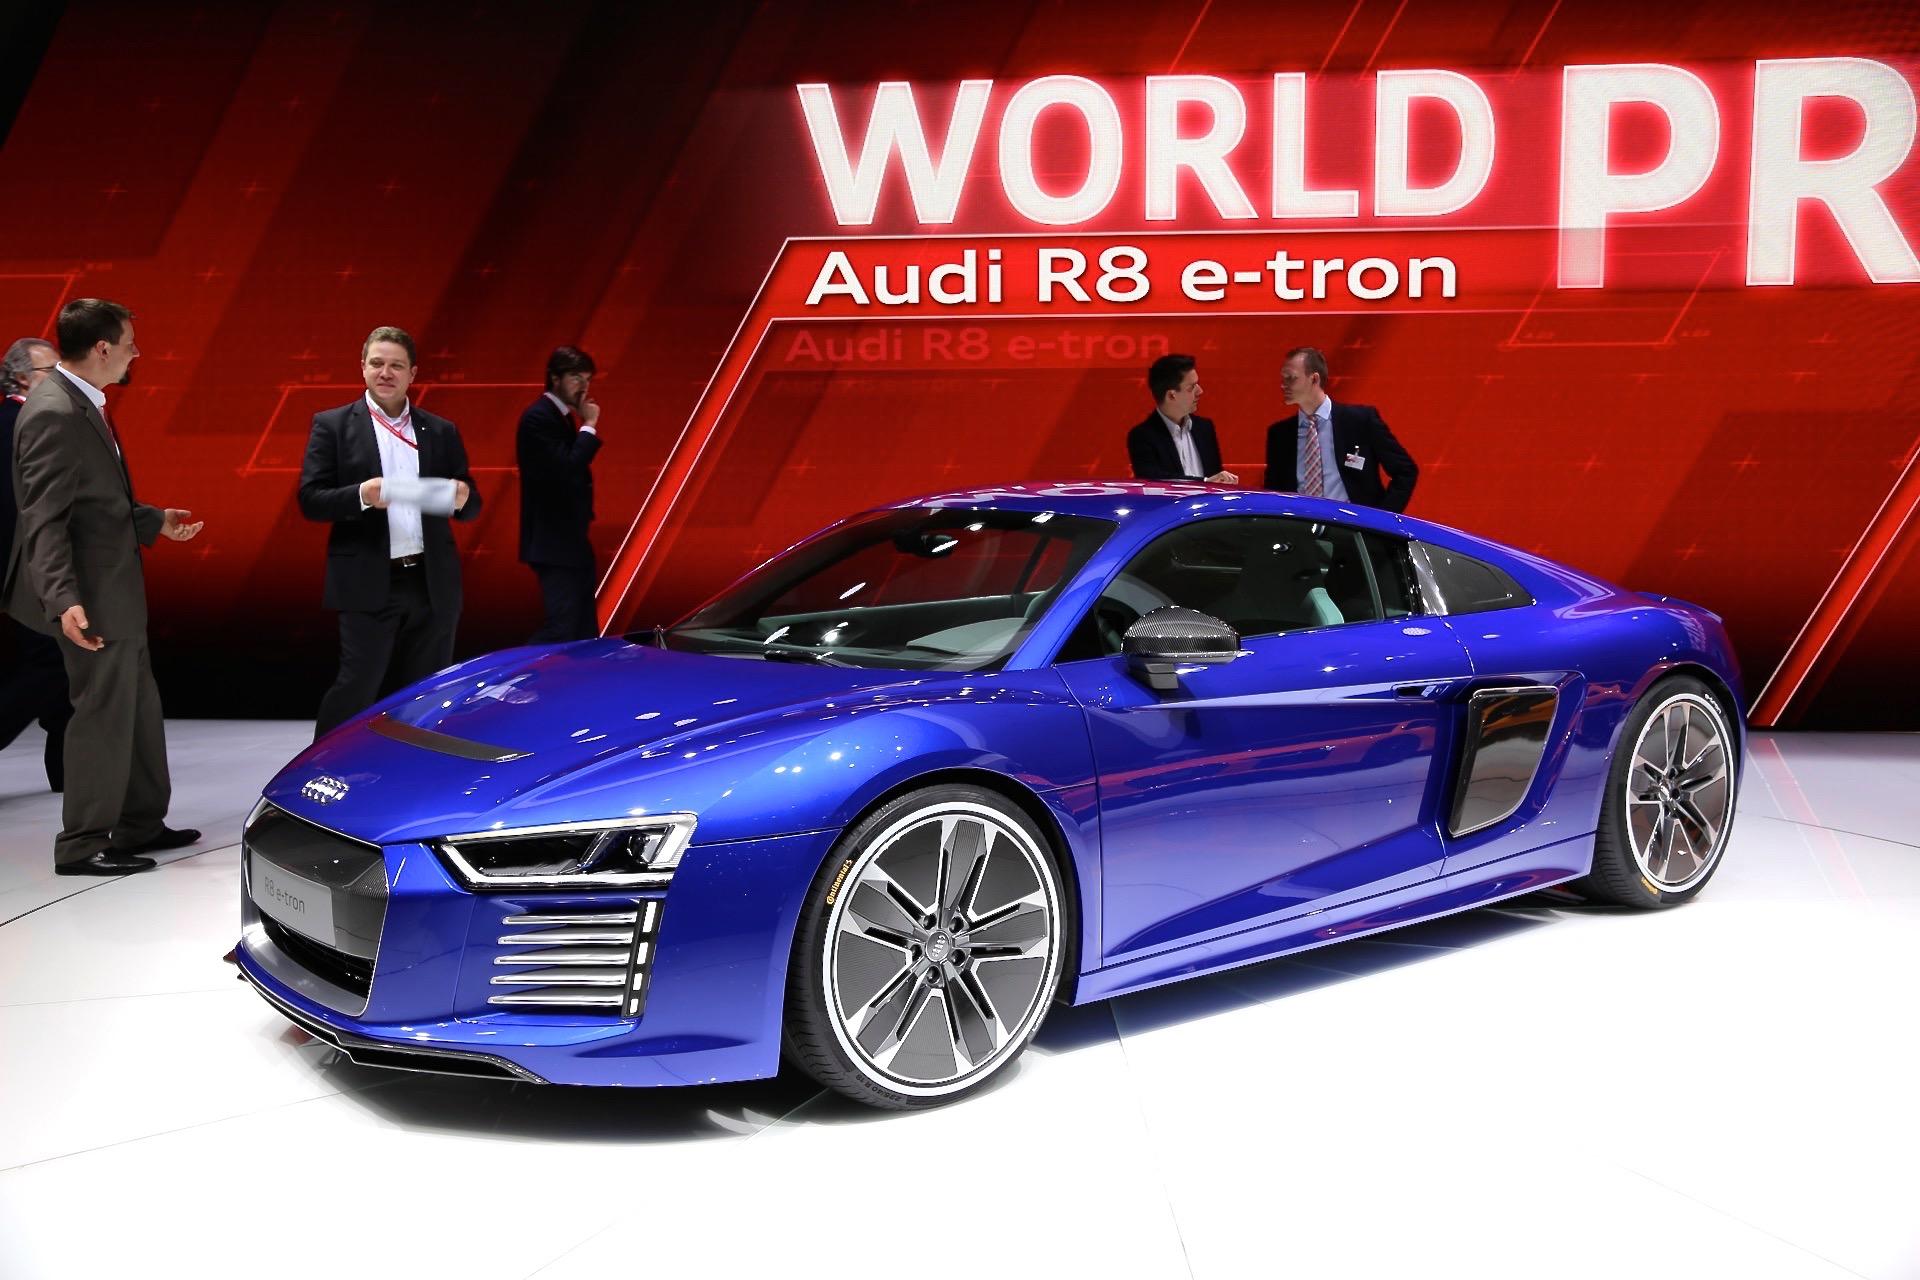 Kekurangan Audi R8 Etron Top Model Tahun Ini